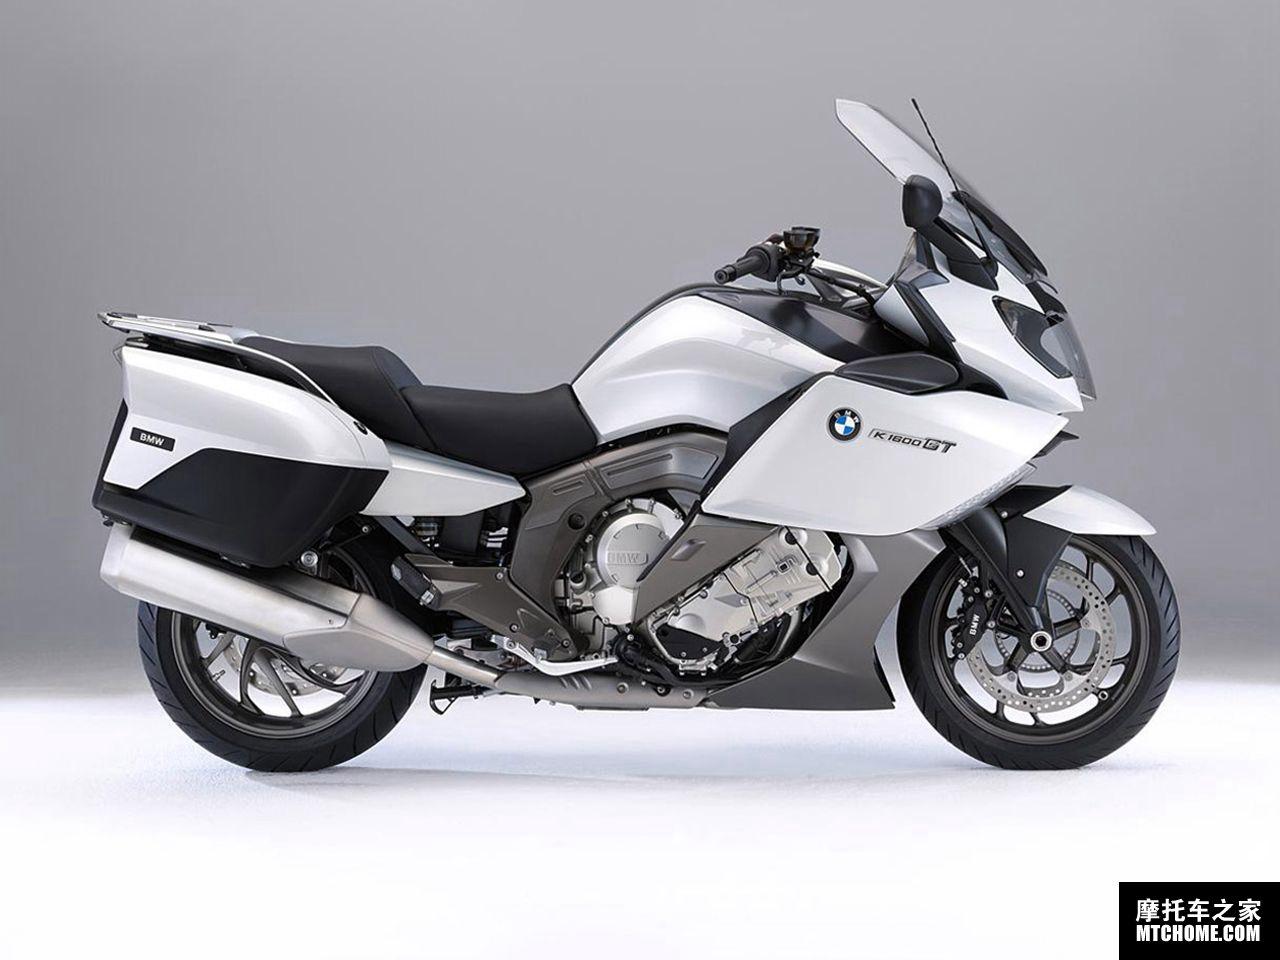 【宝马bmw K1600gt整车图片】 摩托车图片库 摩托车之家